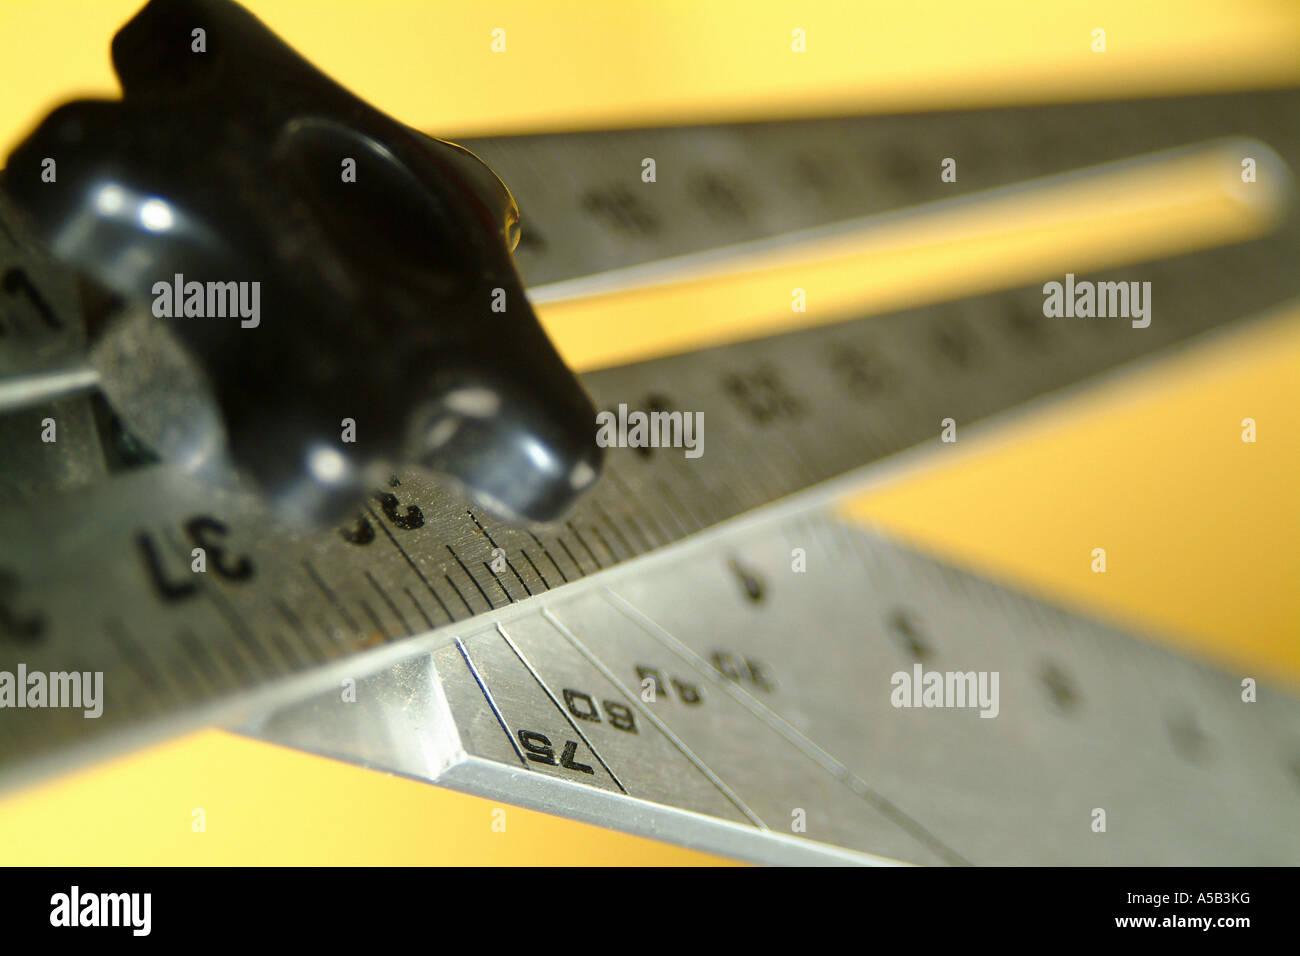 Angle measurement tool. - Stock Image